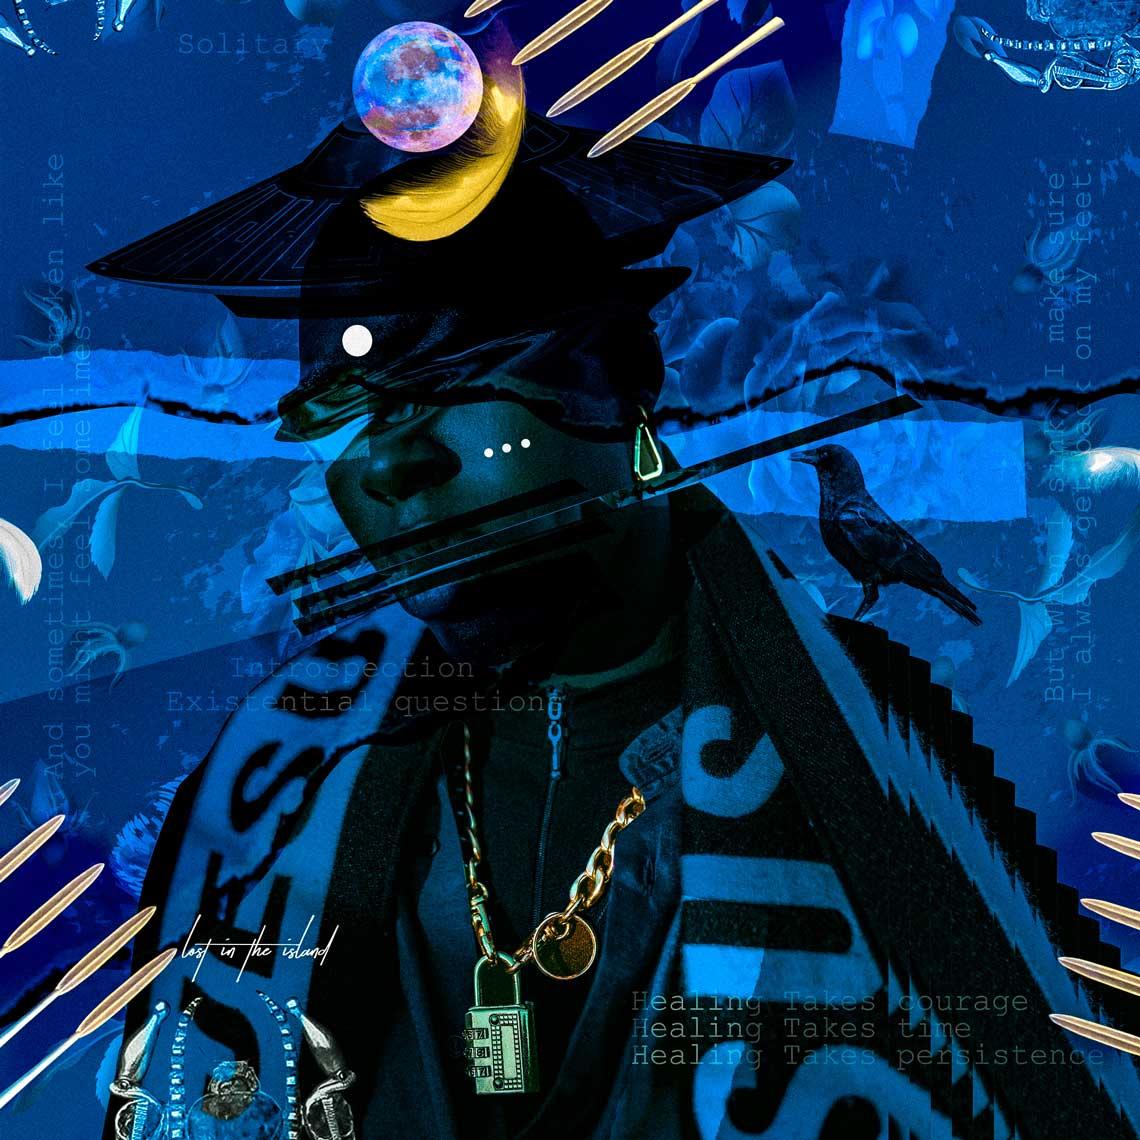 afrofuturism-collages-of-kaylan-m-11